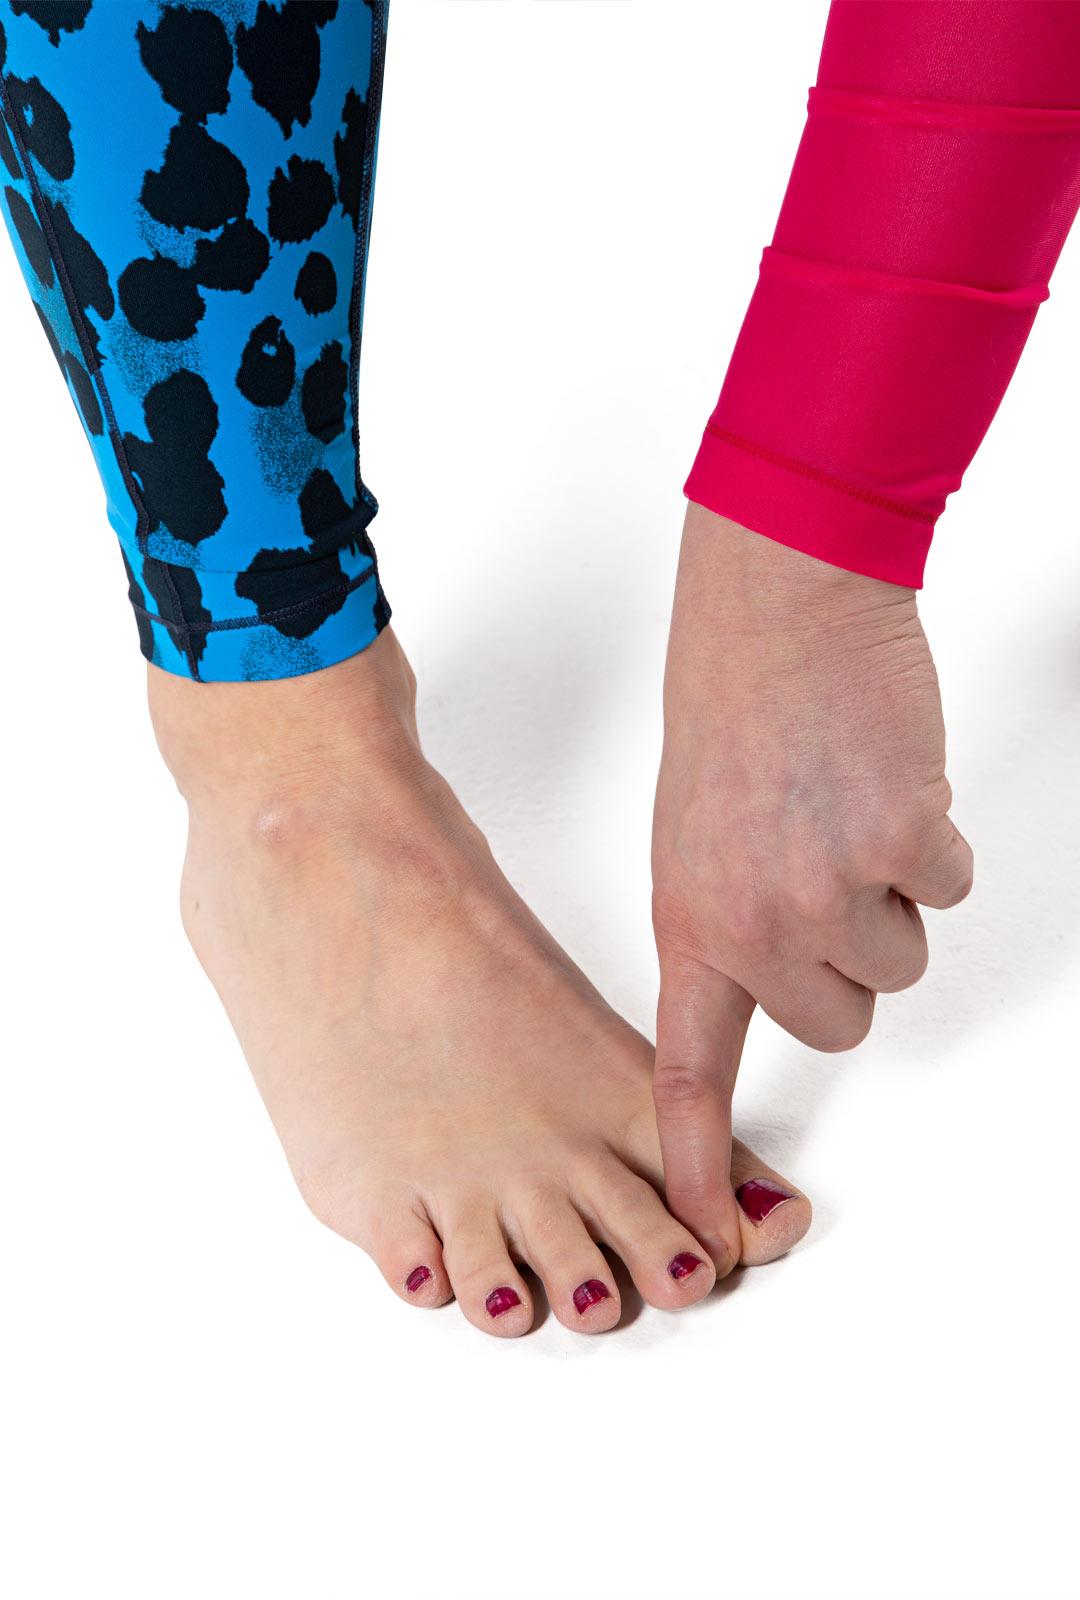 Paina isovarvasta sivulle sormea vasten, vastusta varvasta sormella.